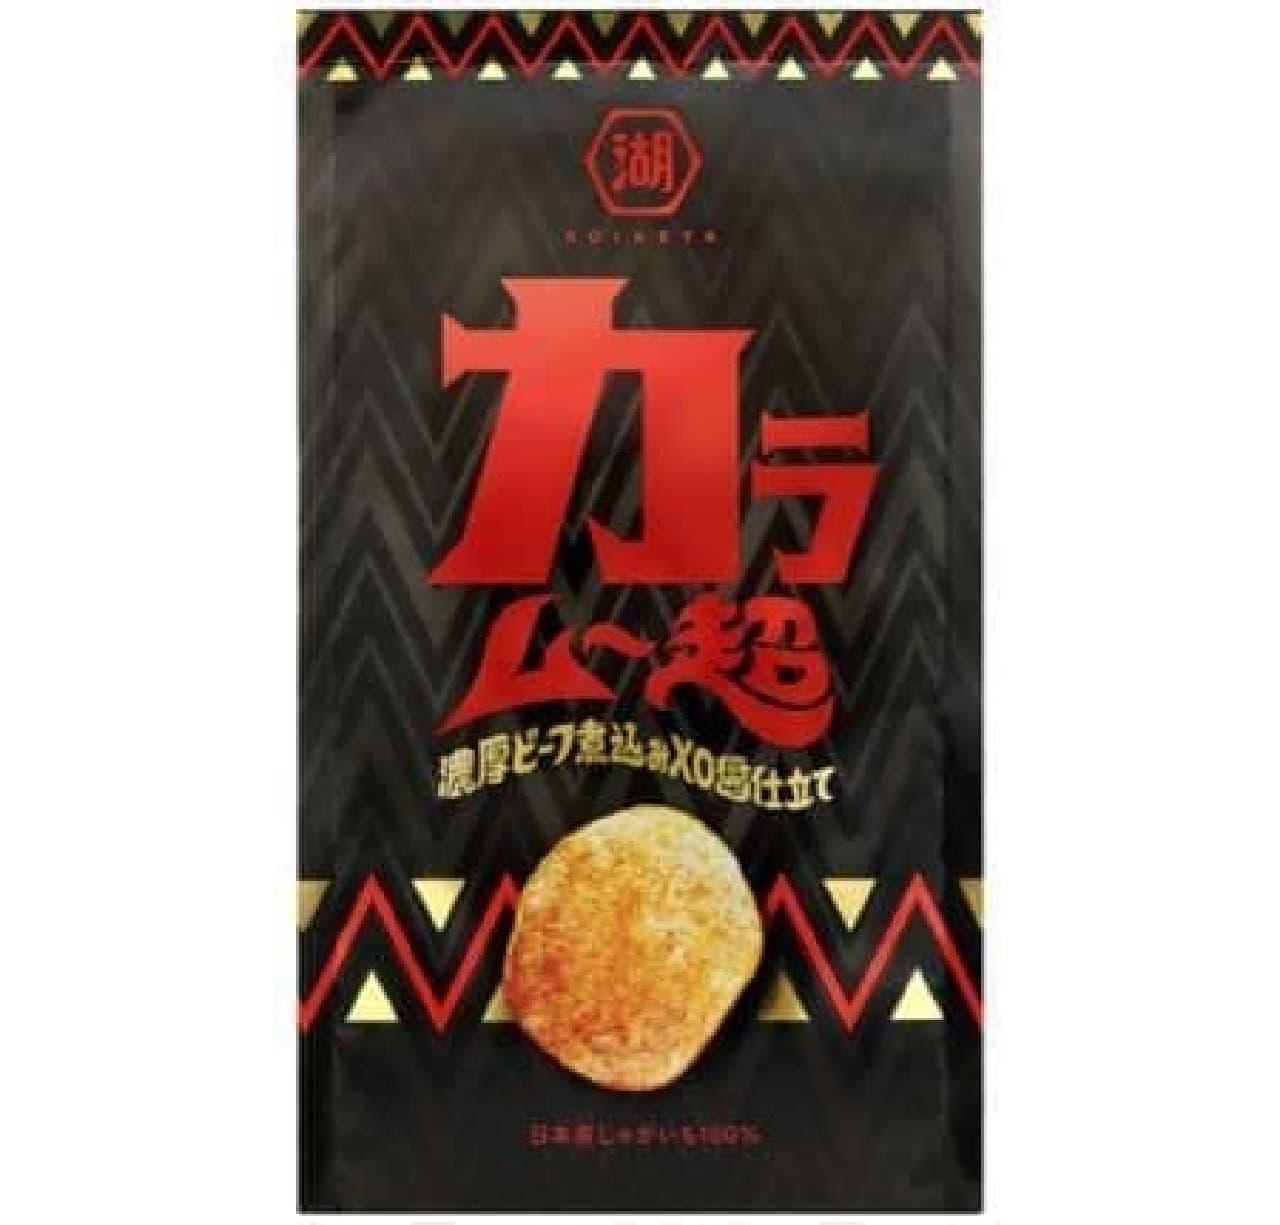 カラムー超 濃厚ビーフ煮込みXO 醤仕立ては、ビーフの濃厚なうま味を引き立てるスパイスが使用されたスナック菓子